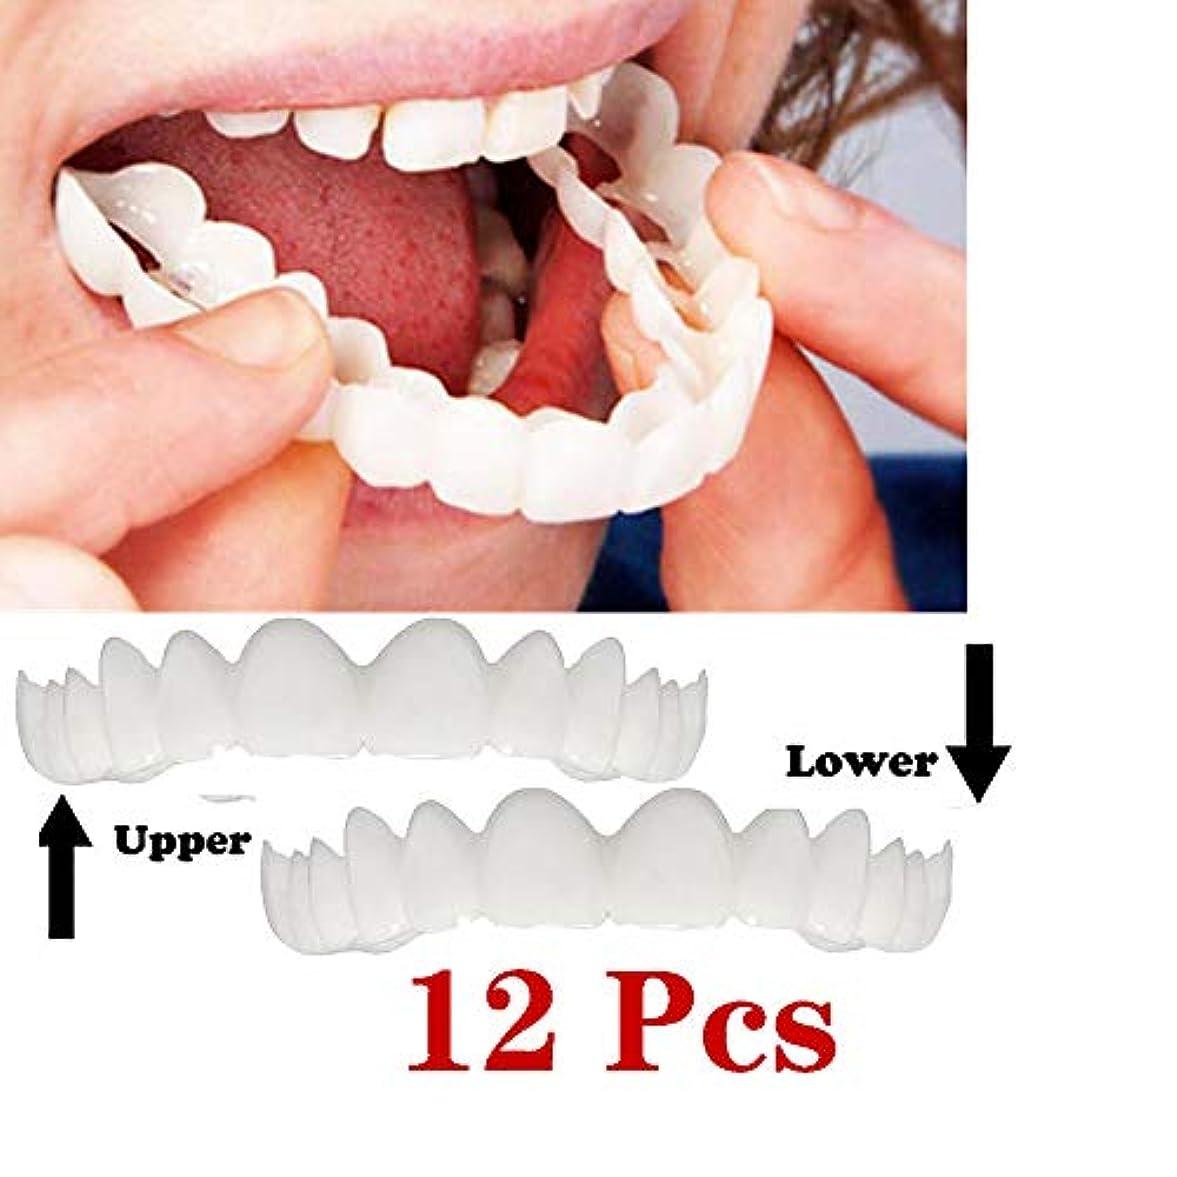 スピン不和ブルームインスタント快適なフレックスパーフェクトベニヤワンサイズフィットの歯のスナップキャップを白くする12個の上下の歯の化粧品のベニヤ、最も快適な義歯のケア